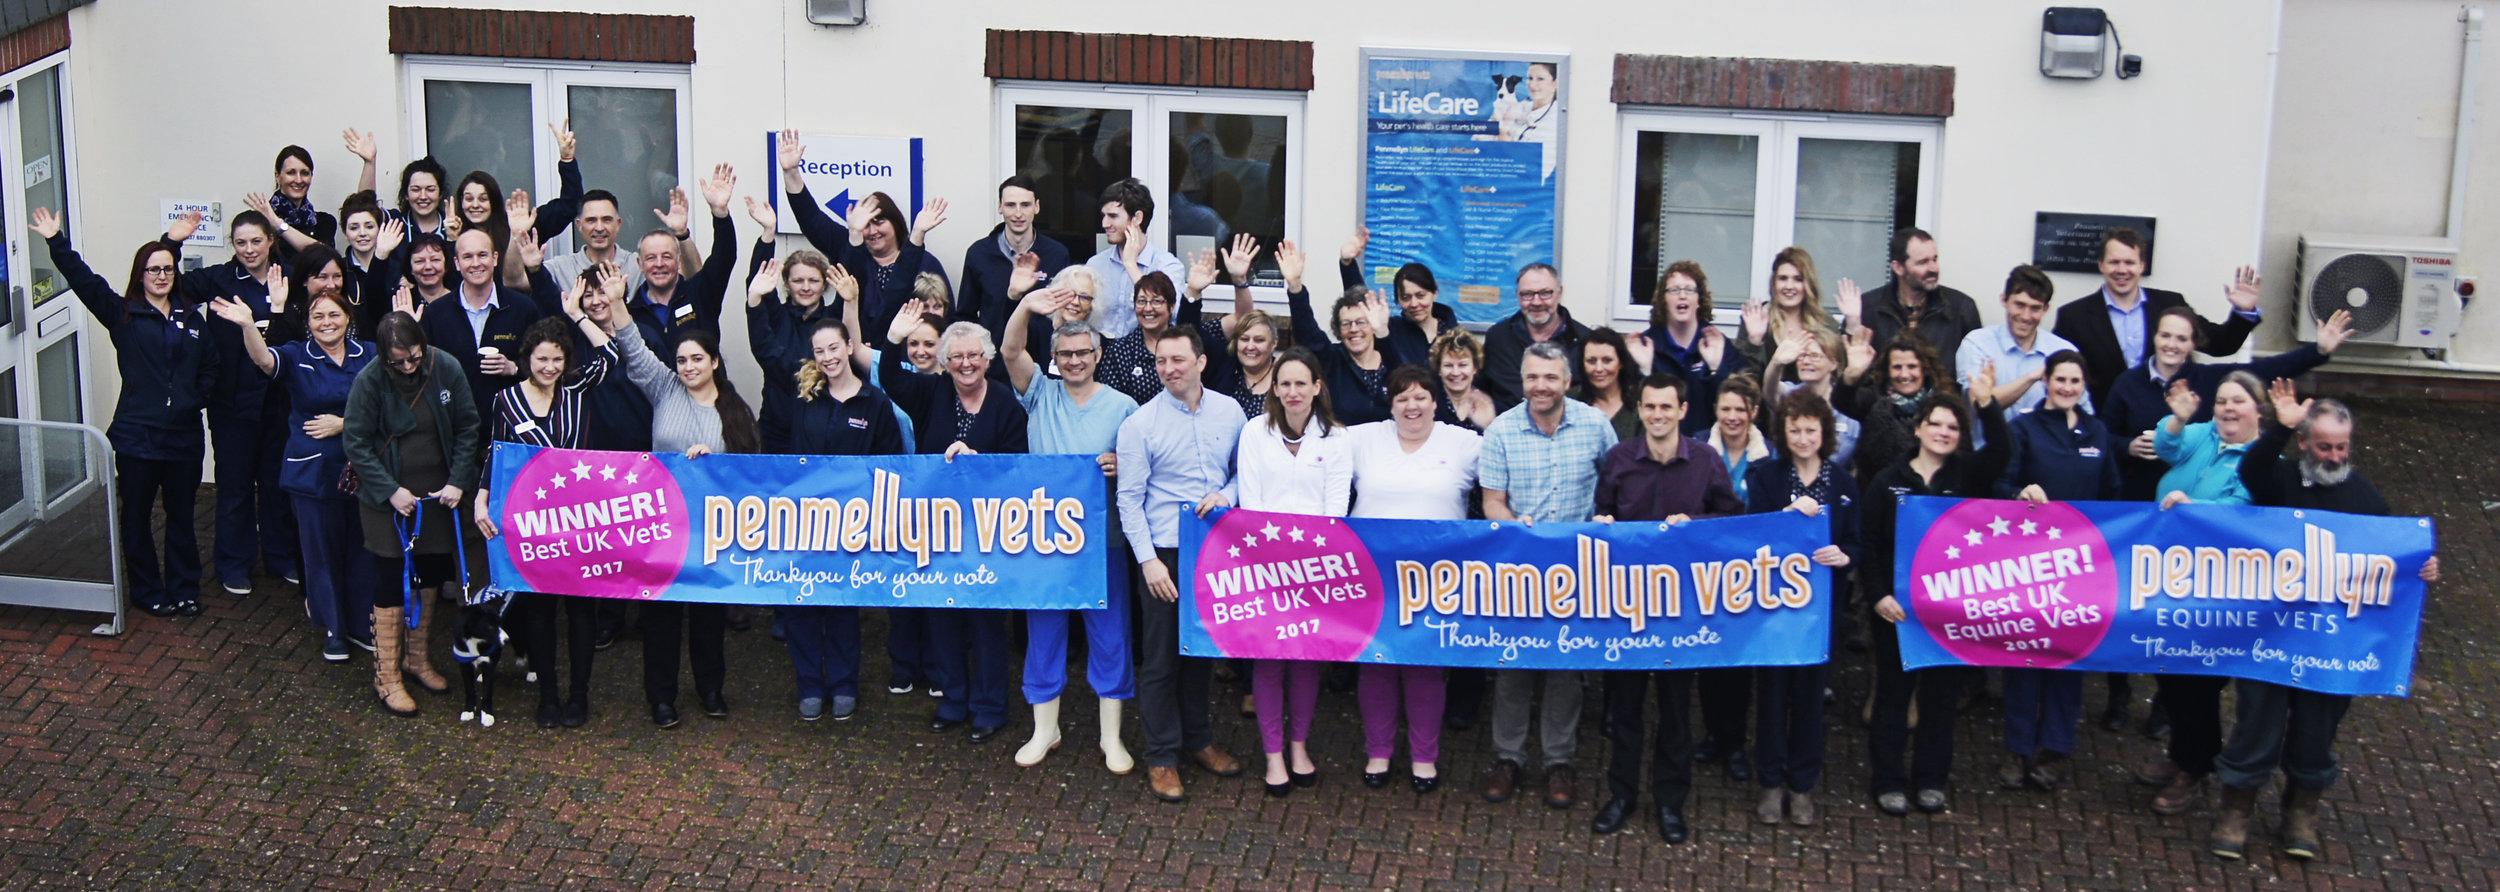 Penmellyn Vets team celebrate their win